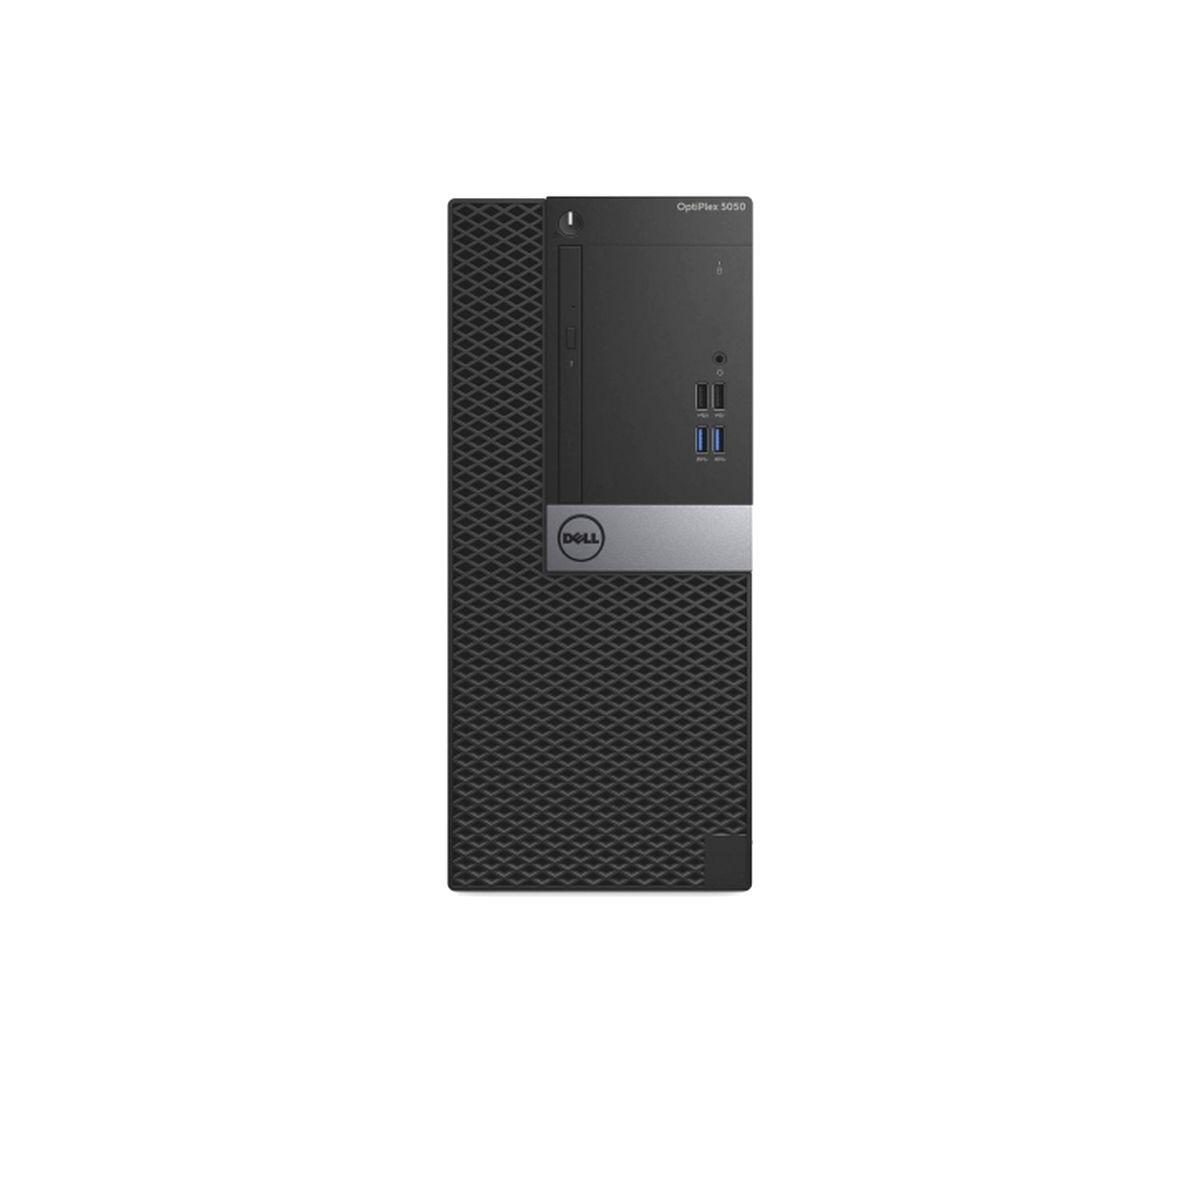 SZYNY HP DL380p G8 737412-001